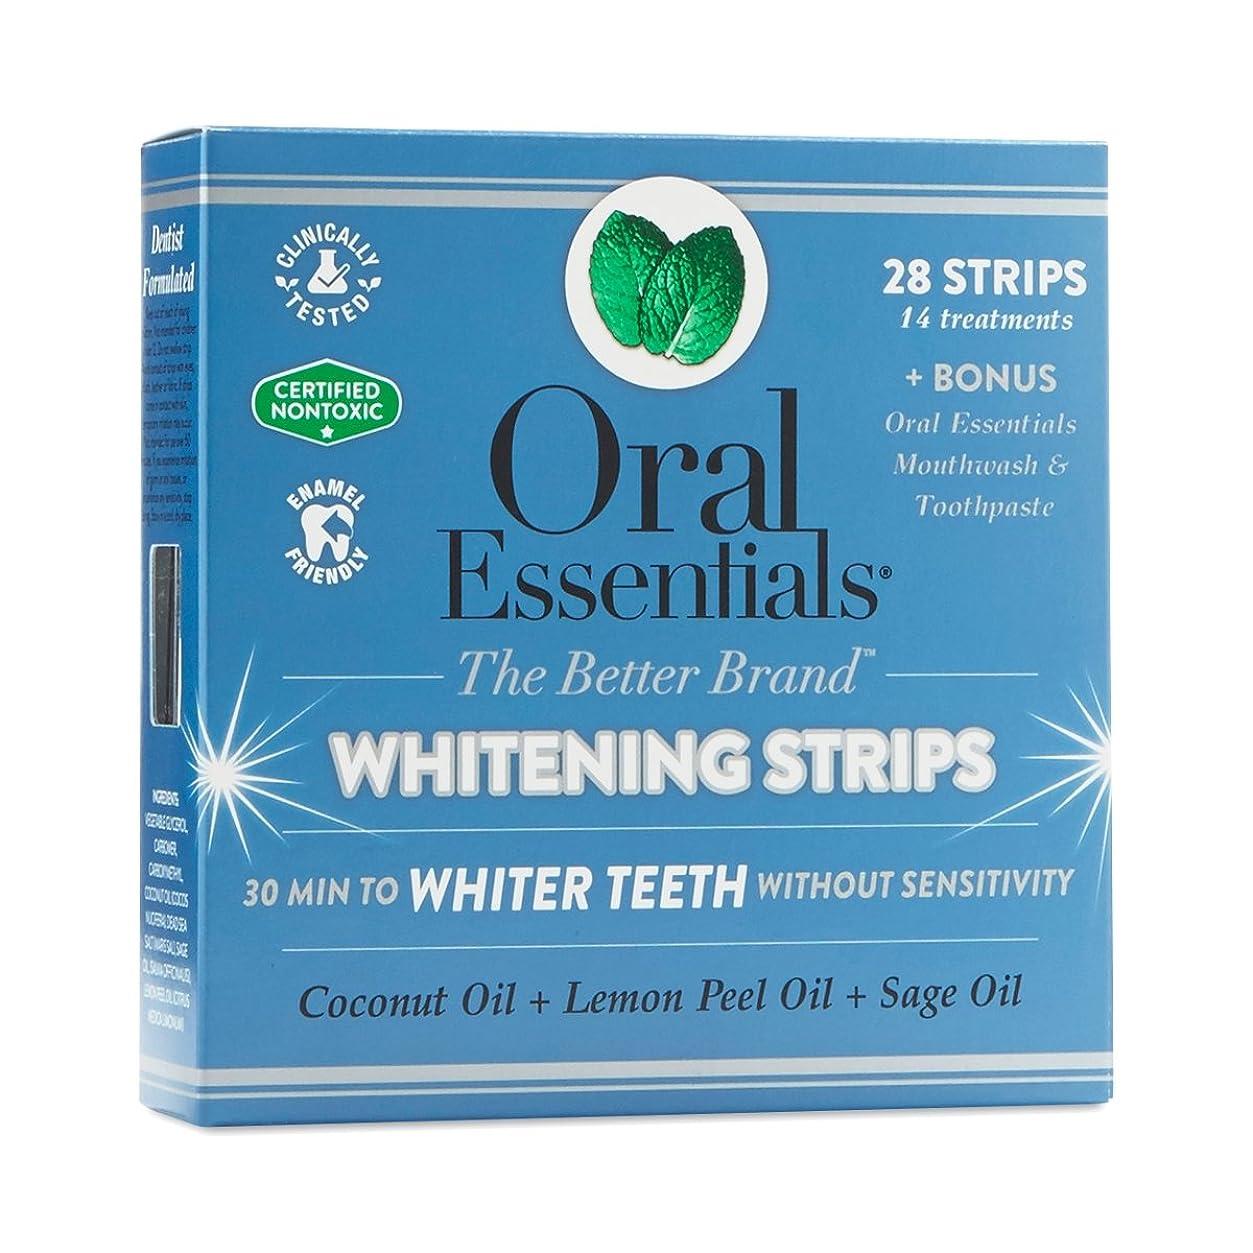 サンドイッチバックアップ抽選ホワイトニングストリップ オーラルエッセンシャル 14回分(上下24枚) 過酸化物なし、非毒性、敏感な歯茎に方にもやさしい 海外直送品